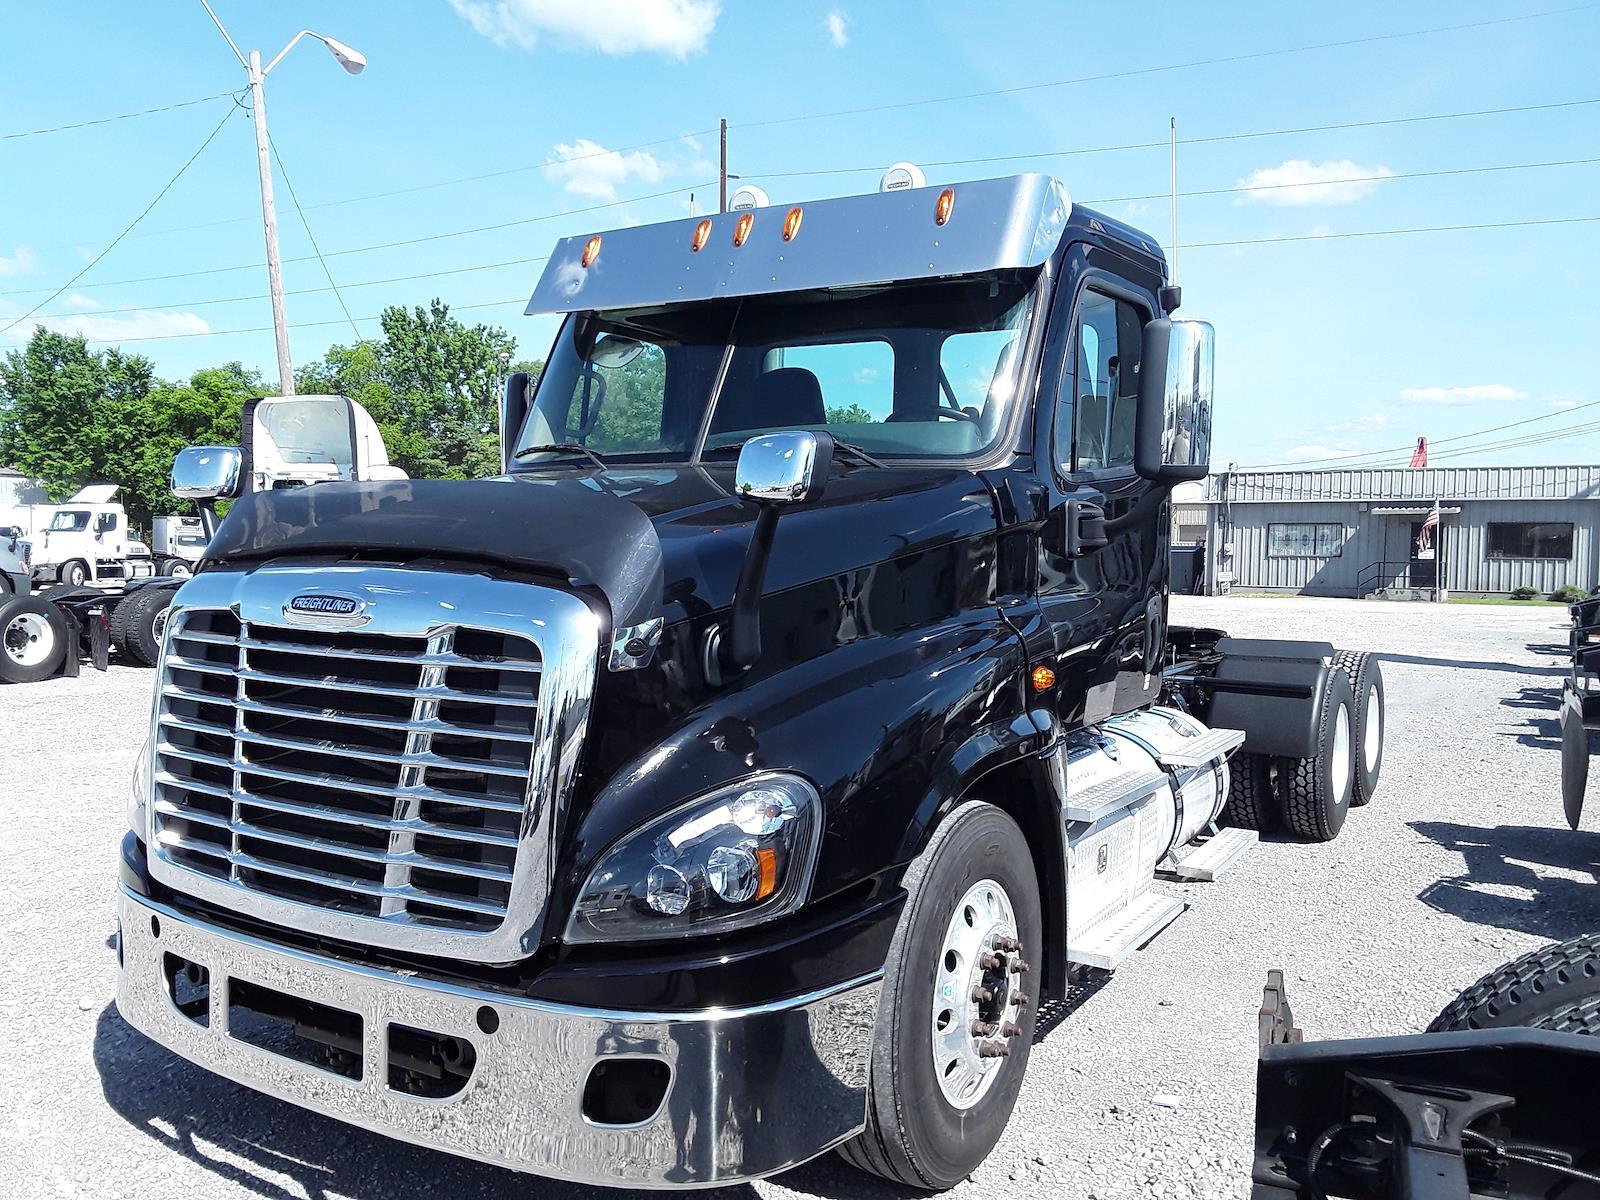 2016 Freightliner Truck 6x4, Tractor #366311 - photo 1